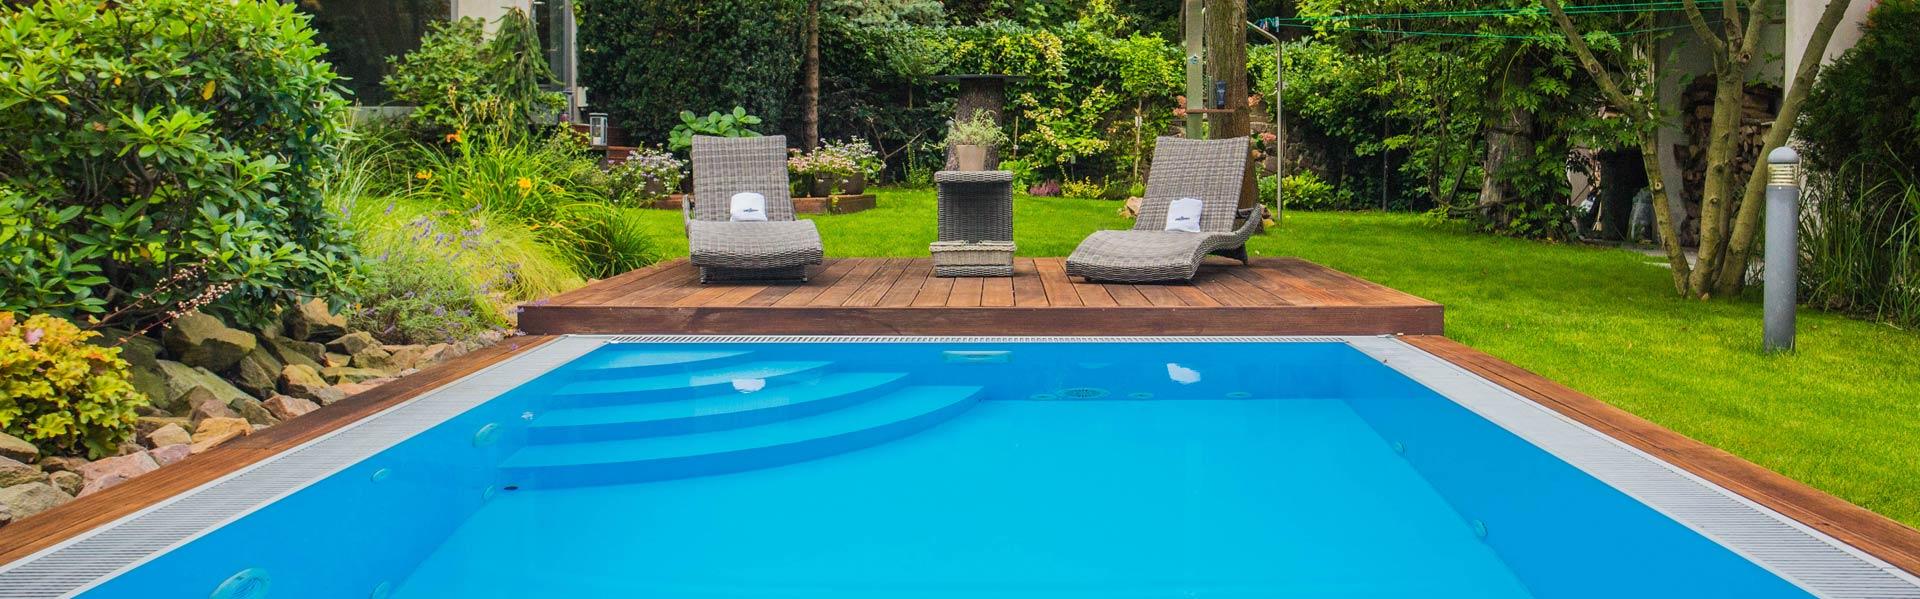 Schwimmbecken Diamant, Poolüberdachungen, Whirlpool